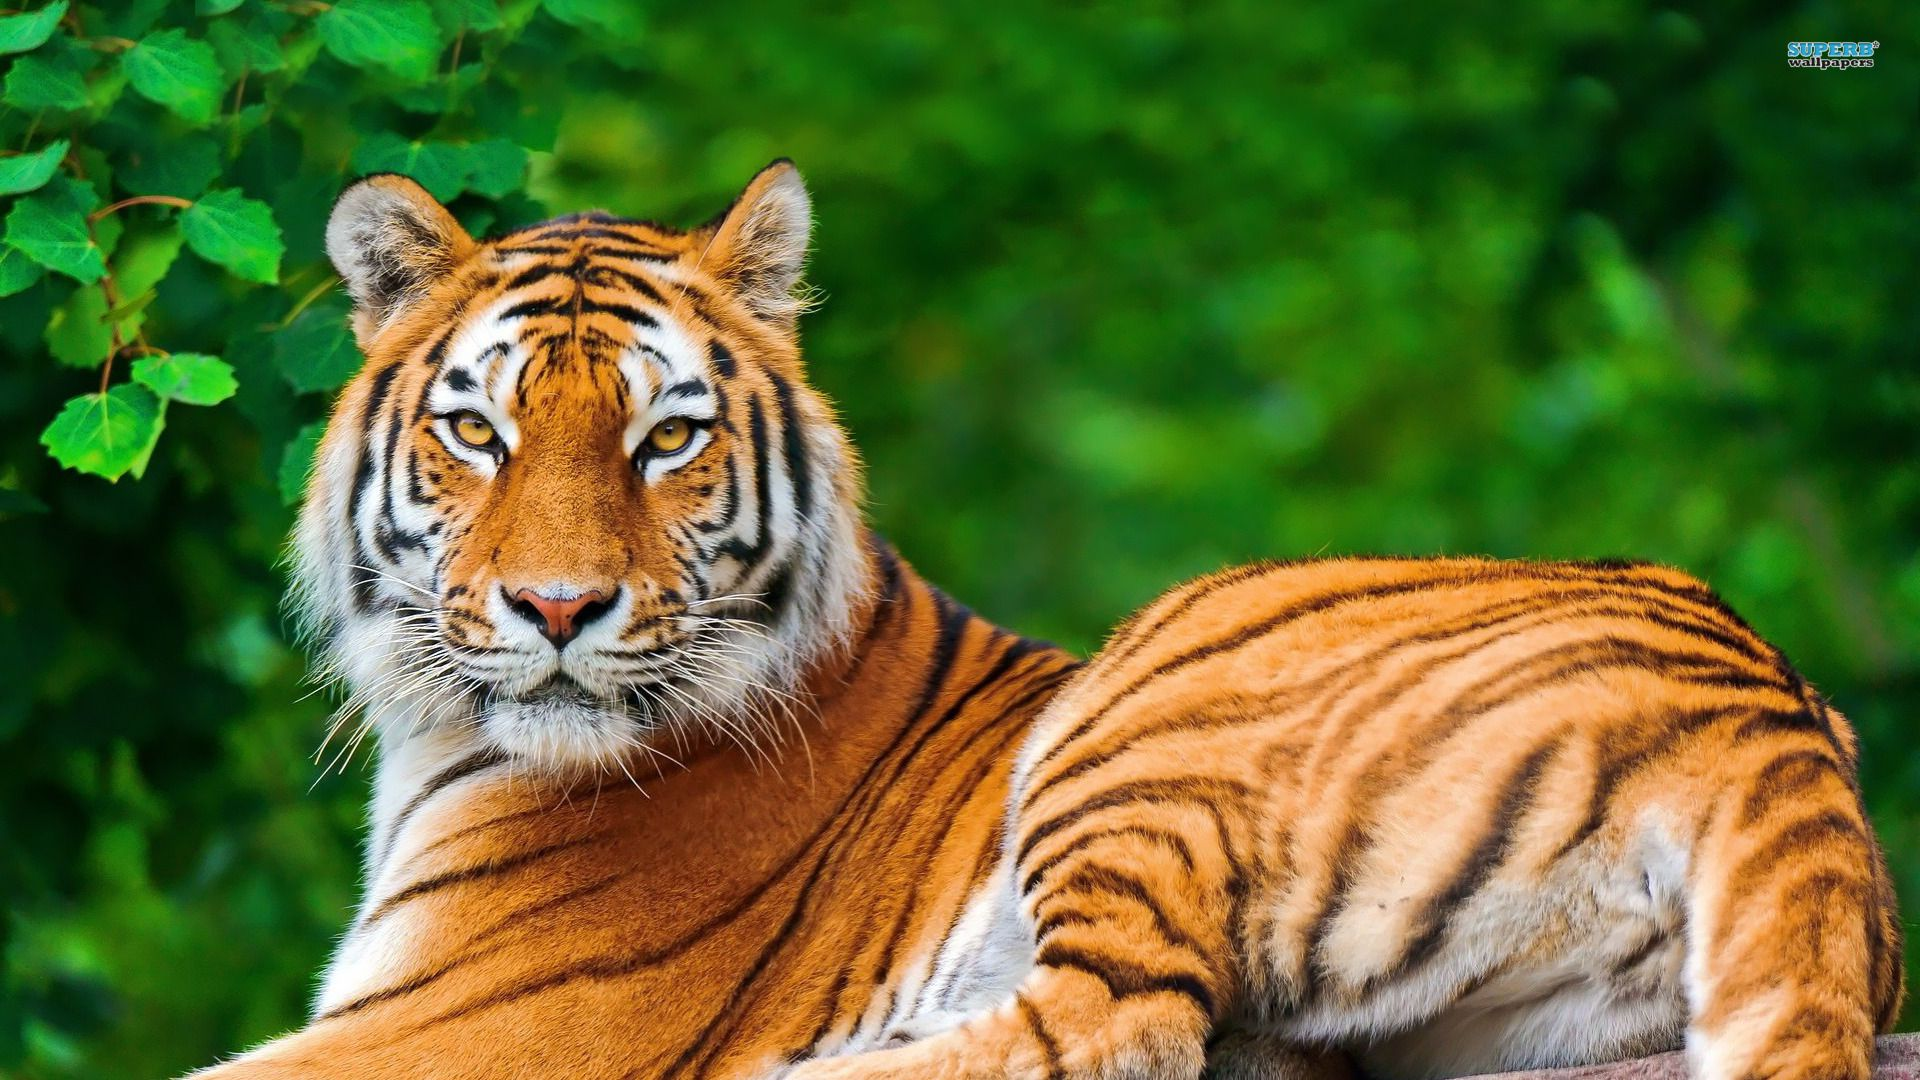 Tiger Animal Wallpaper HD 8 For Desktop Background